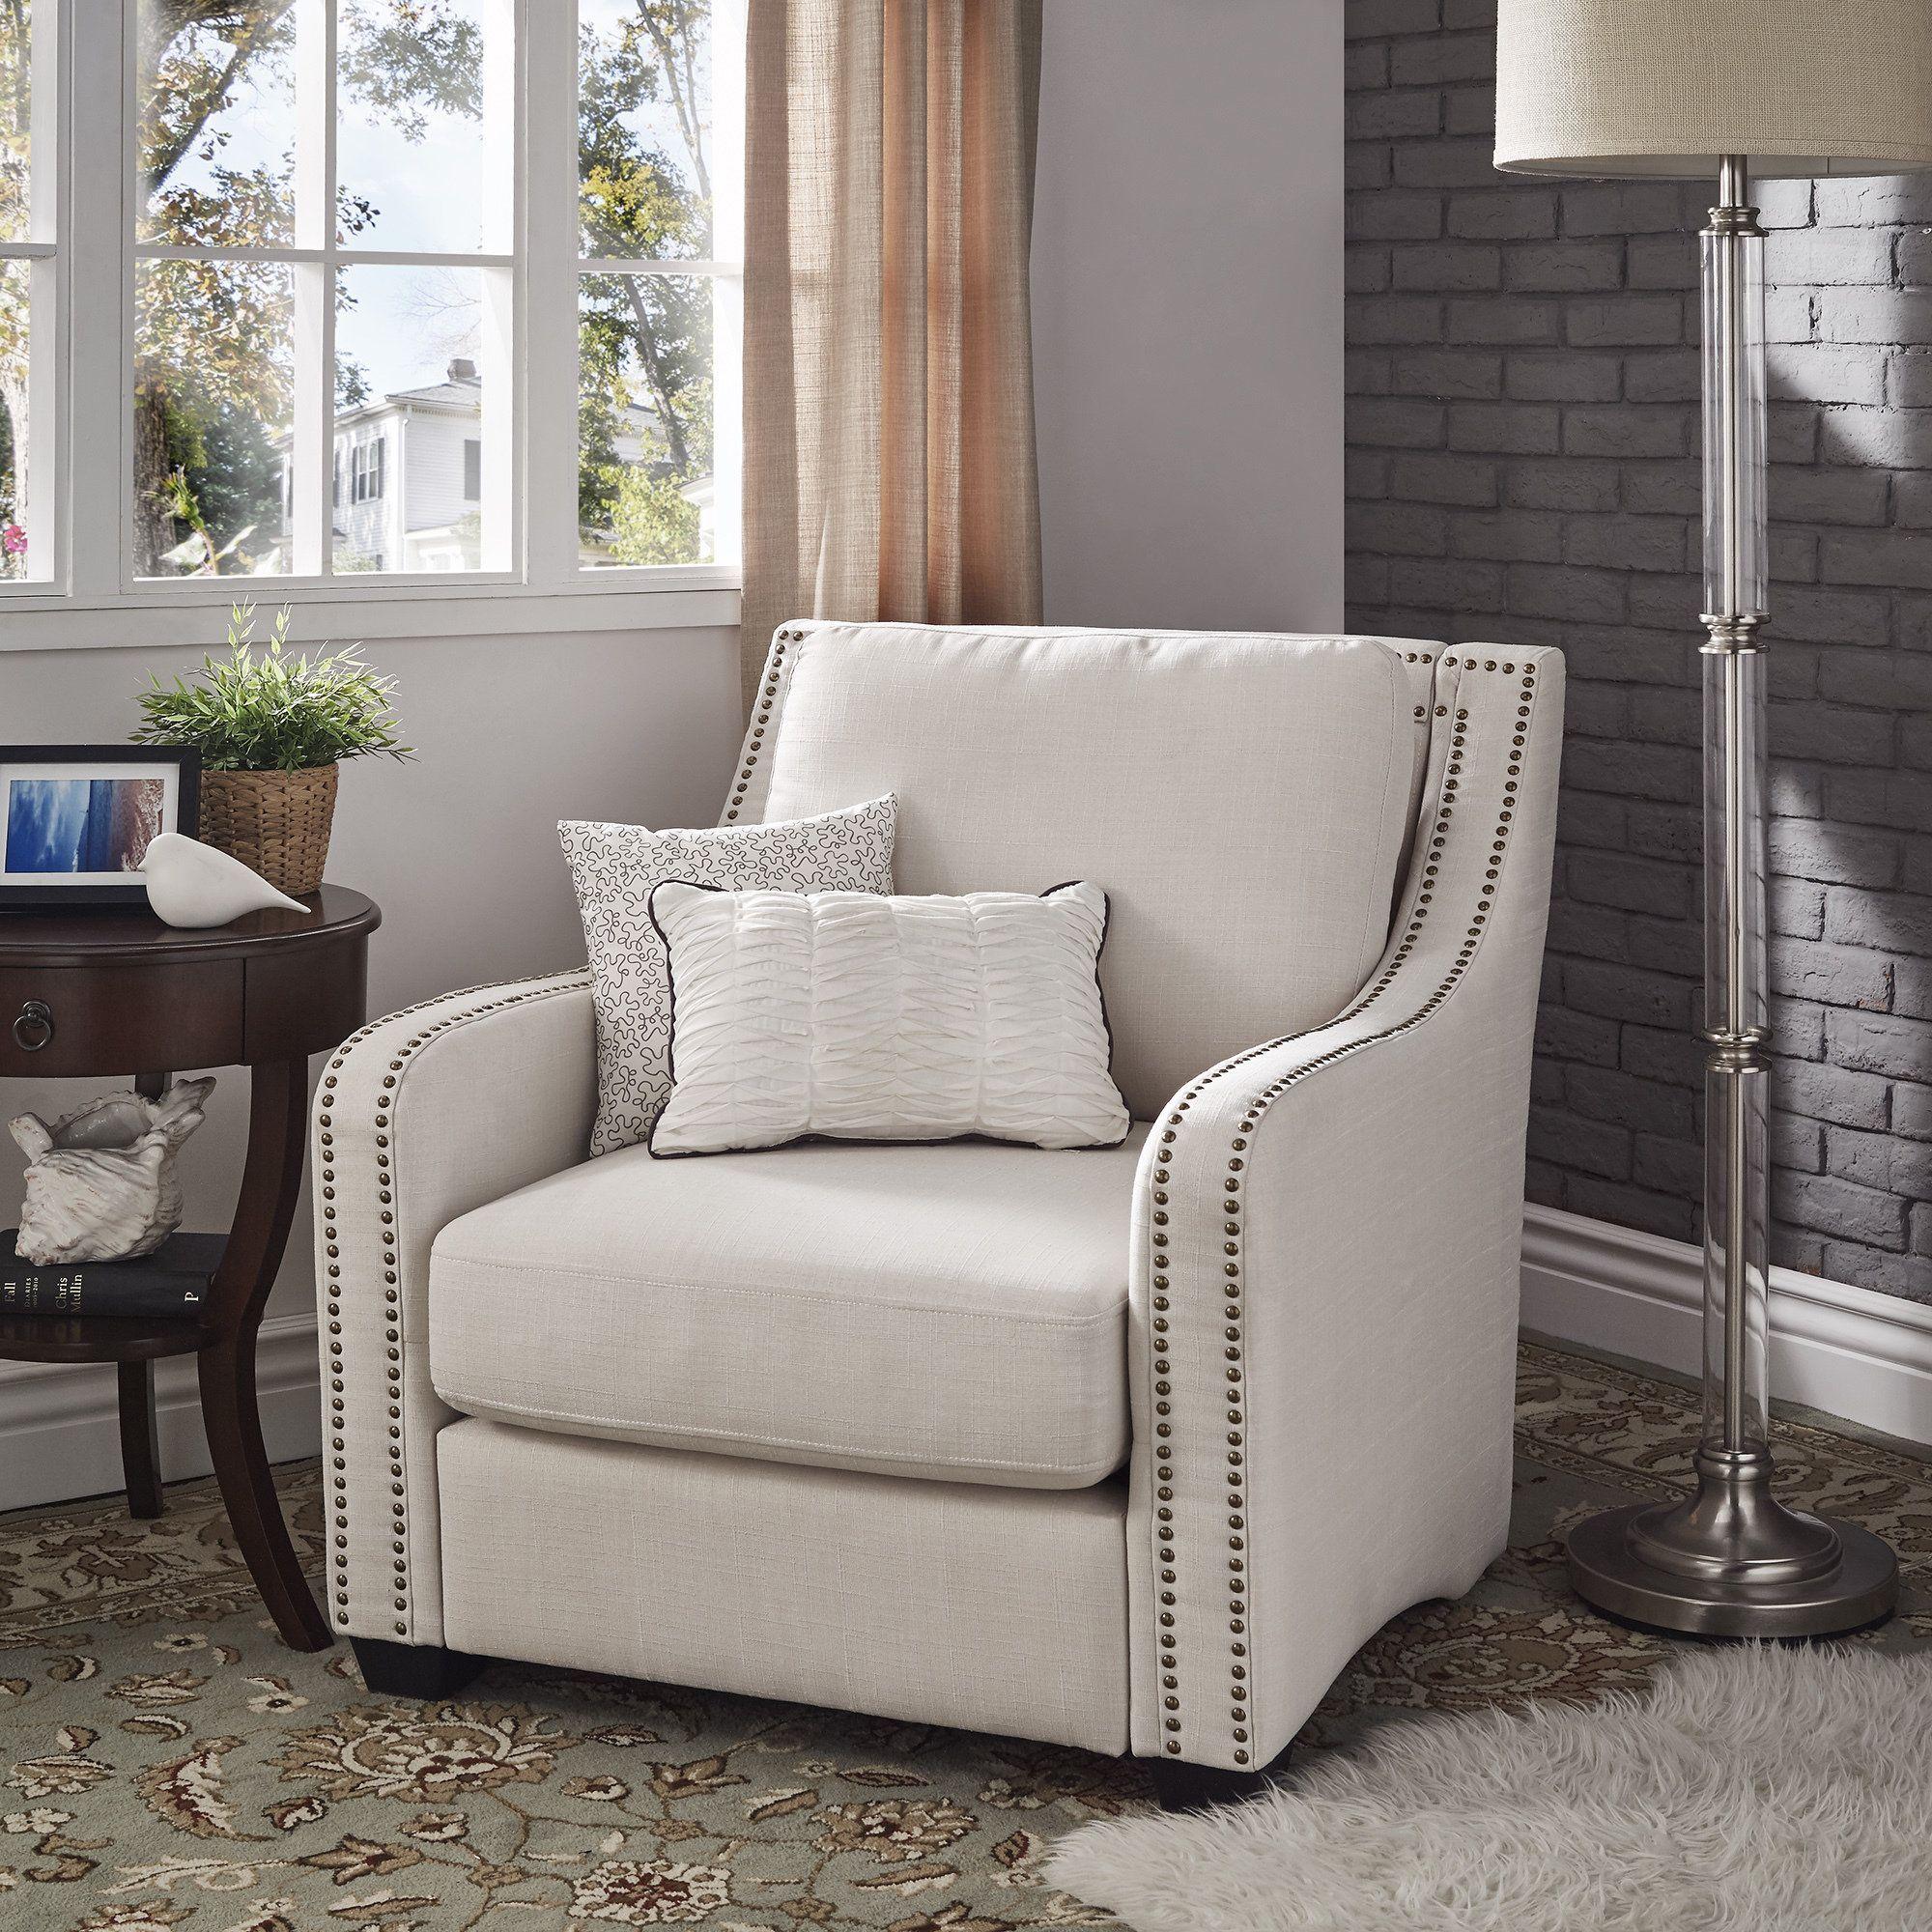 Faizah White Linen Nailhead Sloped Arm Chair by iNSPIRE Q